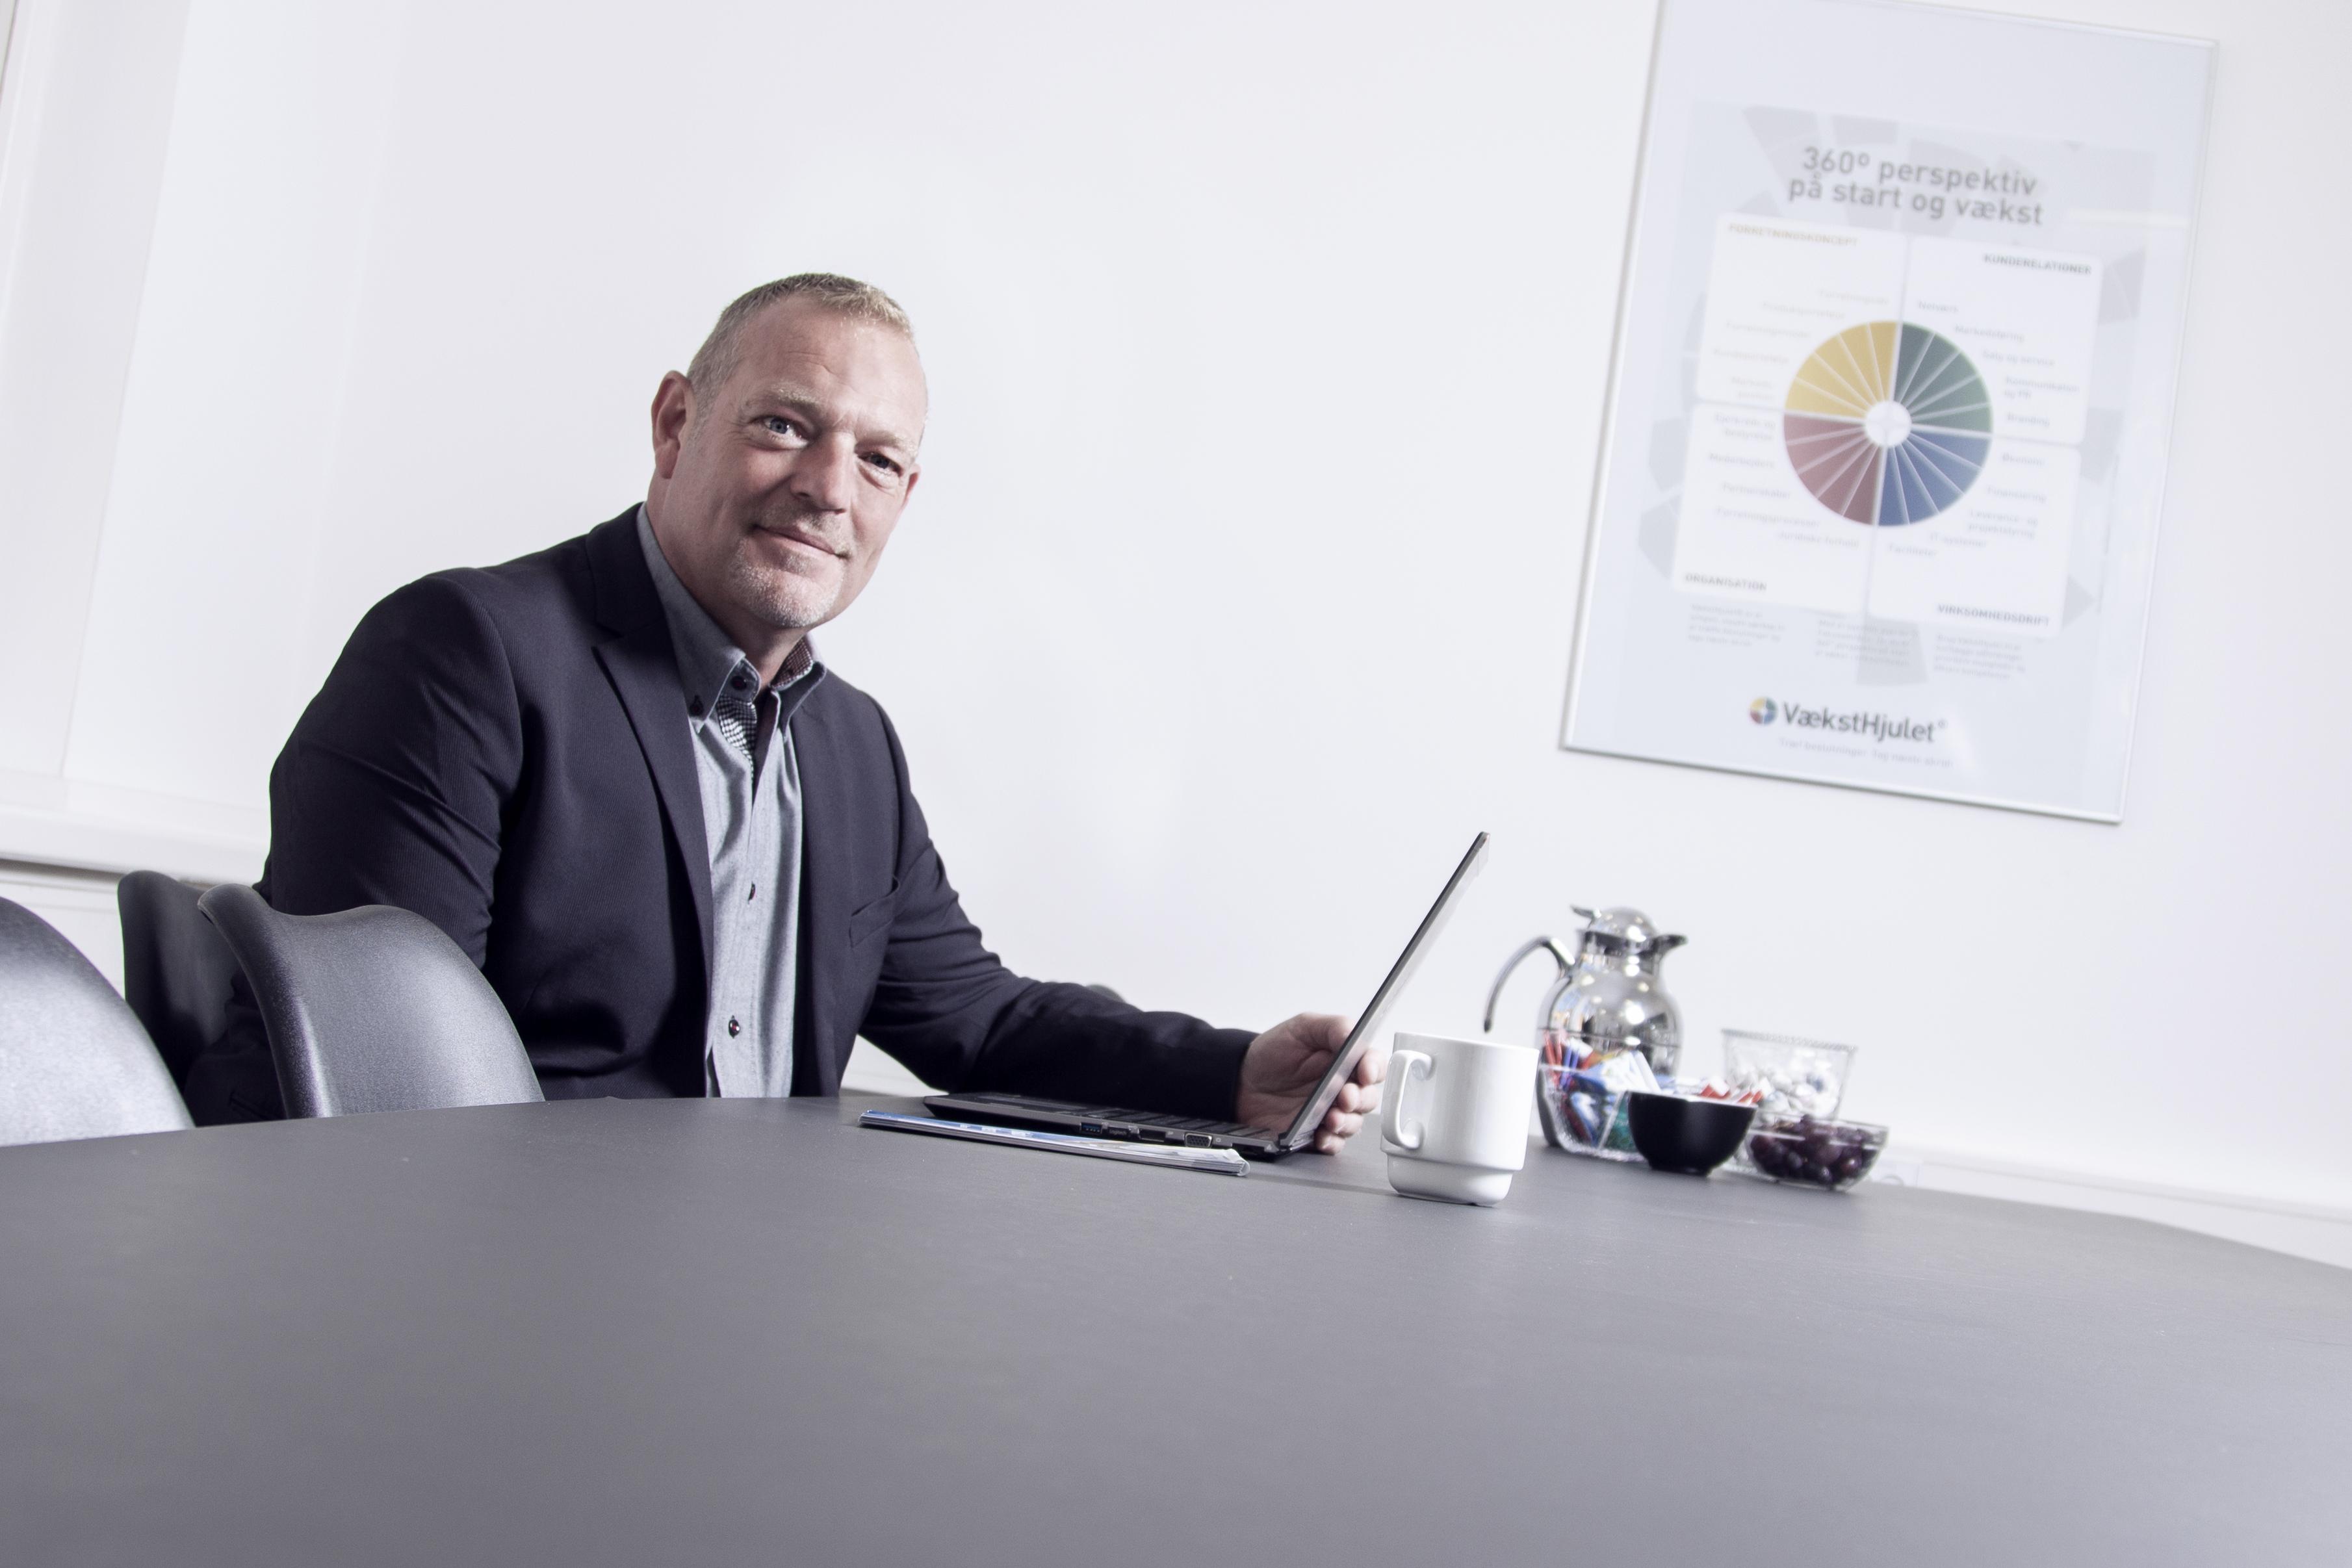 https://businessaabenraa.com/wp-content/uploads/2019/01/Michael-Dinesen-ivaerksaettervejleder-farve.jpg